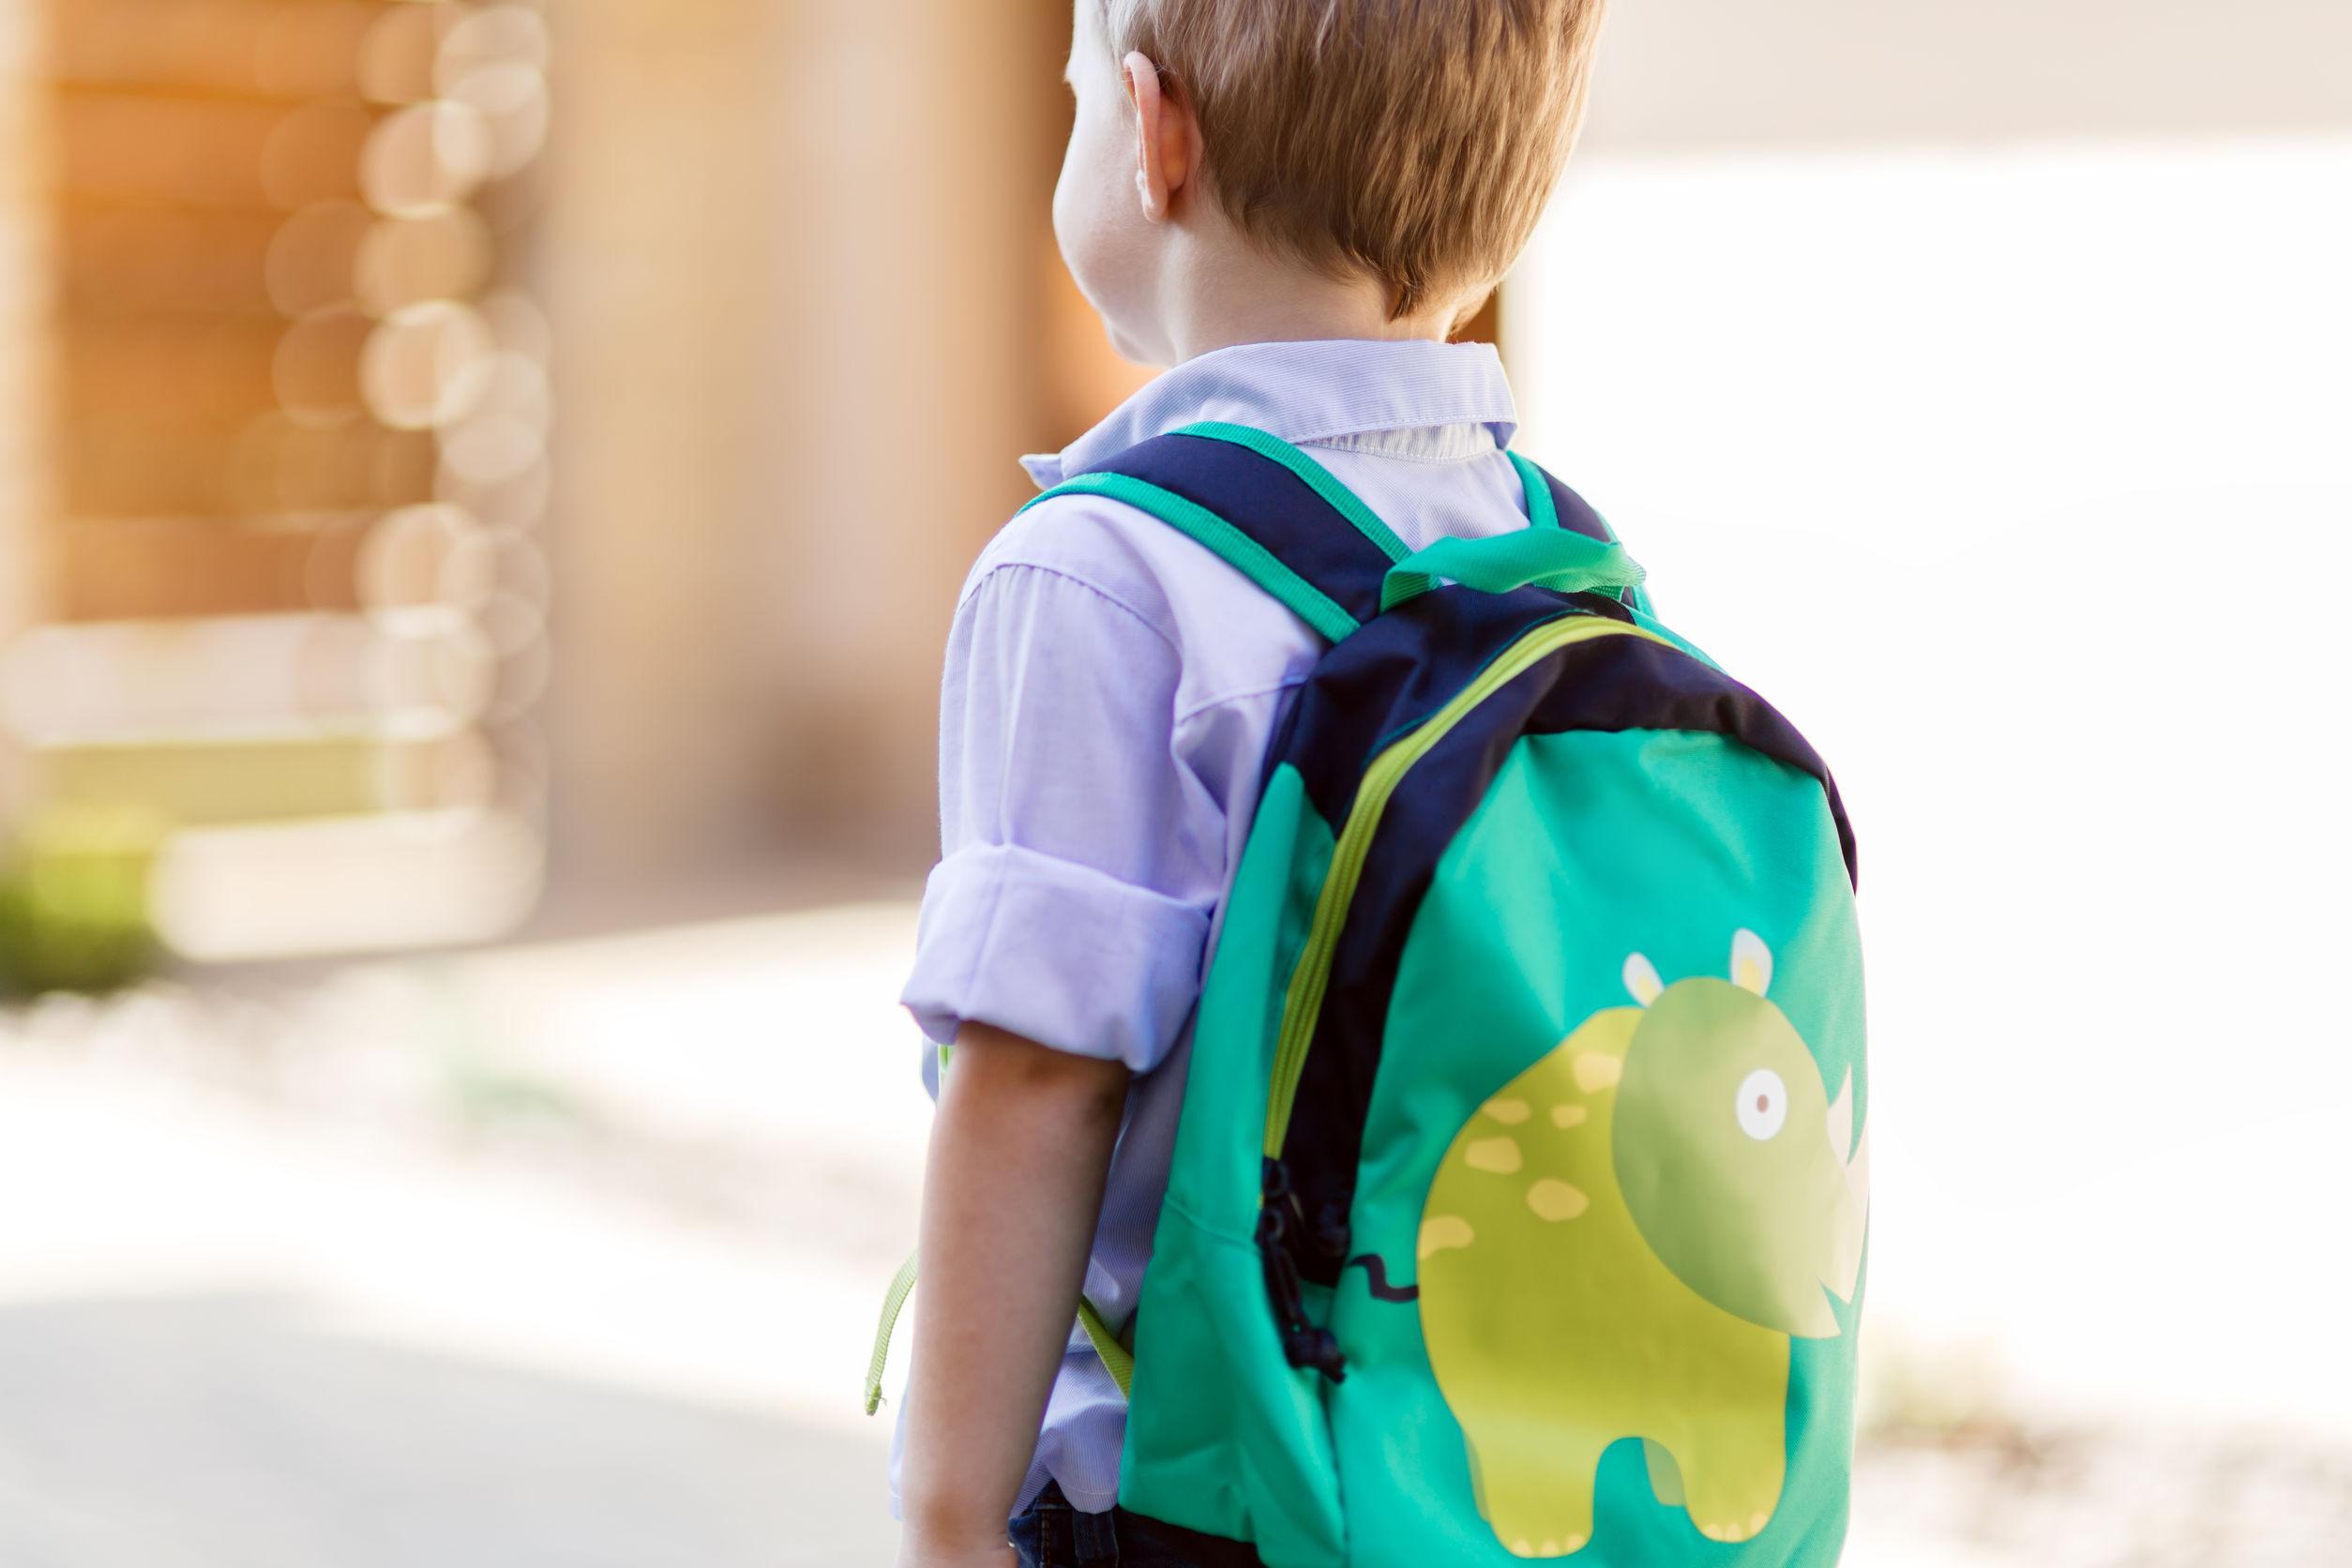 Kinderrucksack: Test & Empfehlungen (05/21)